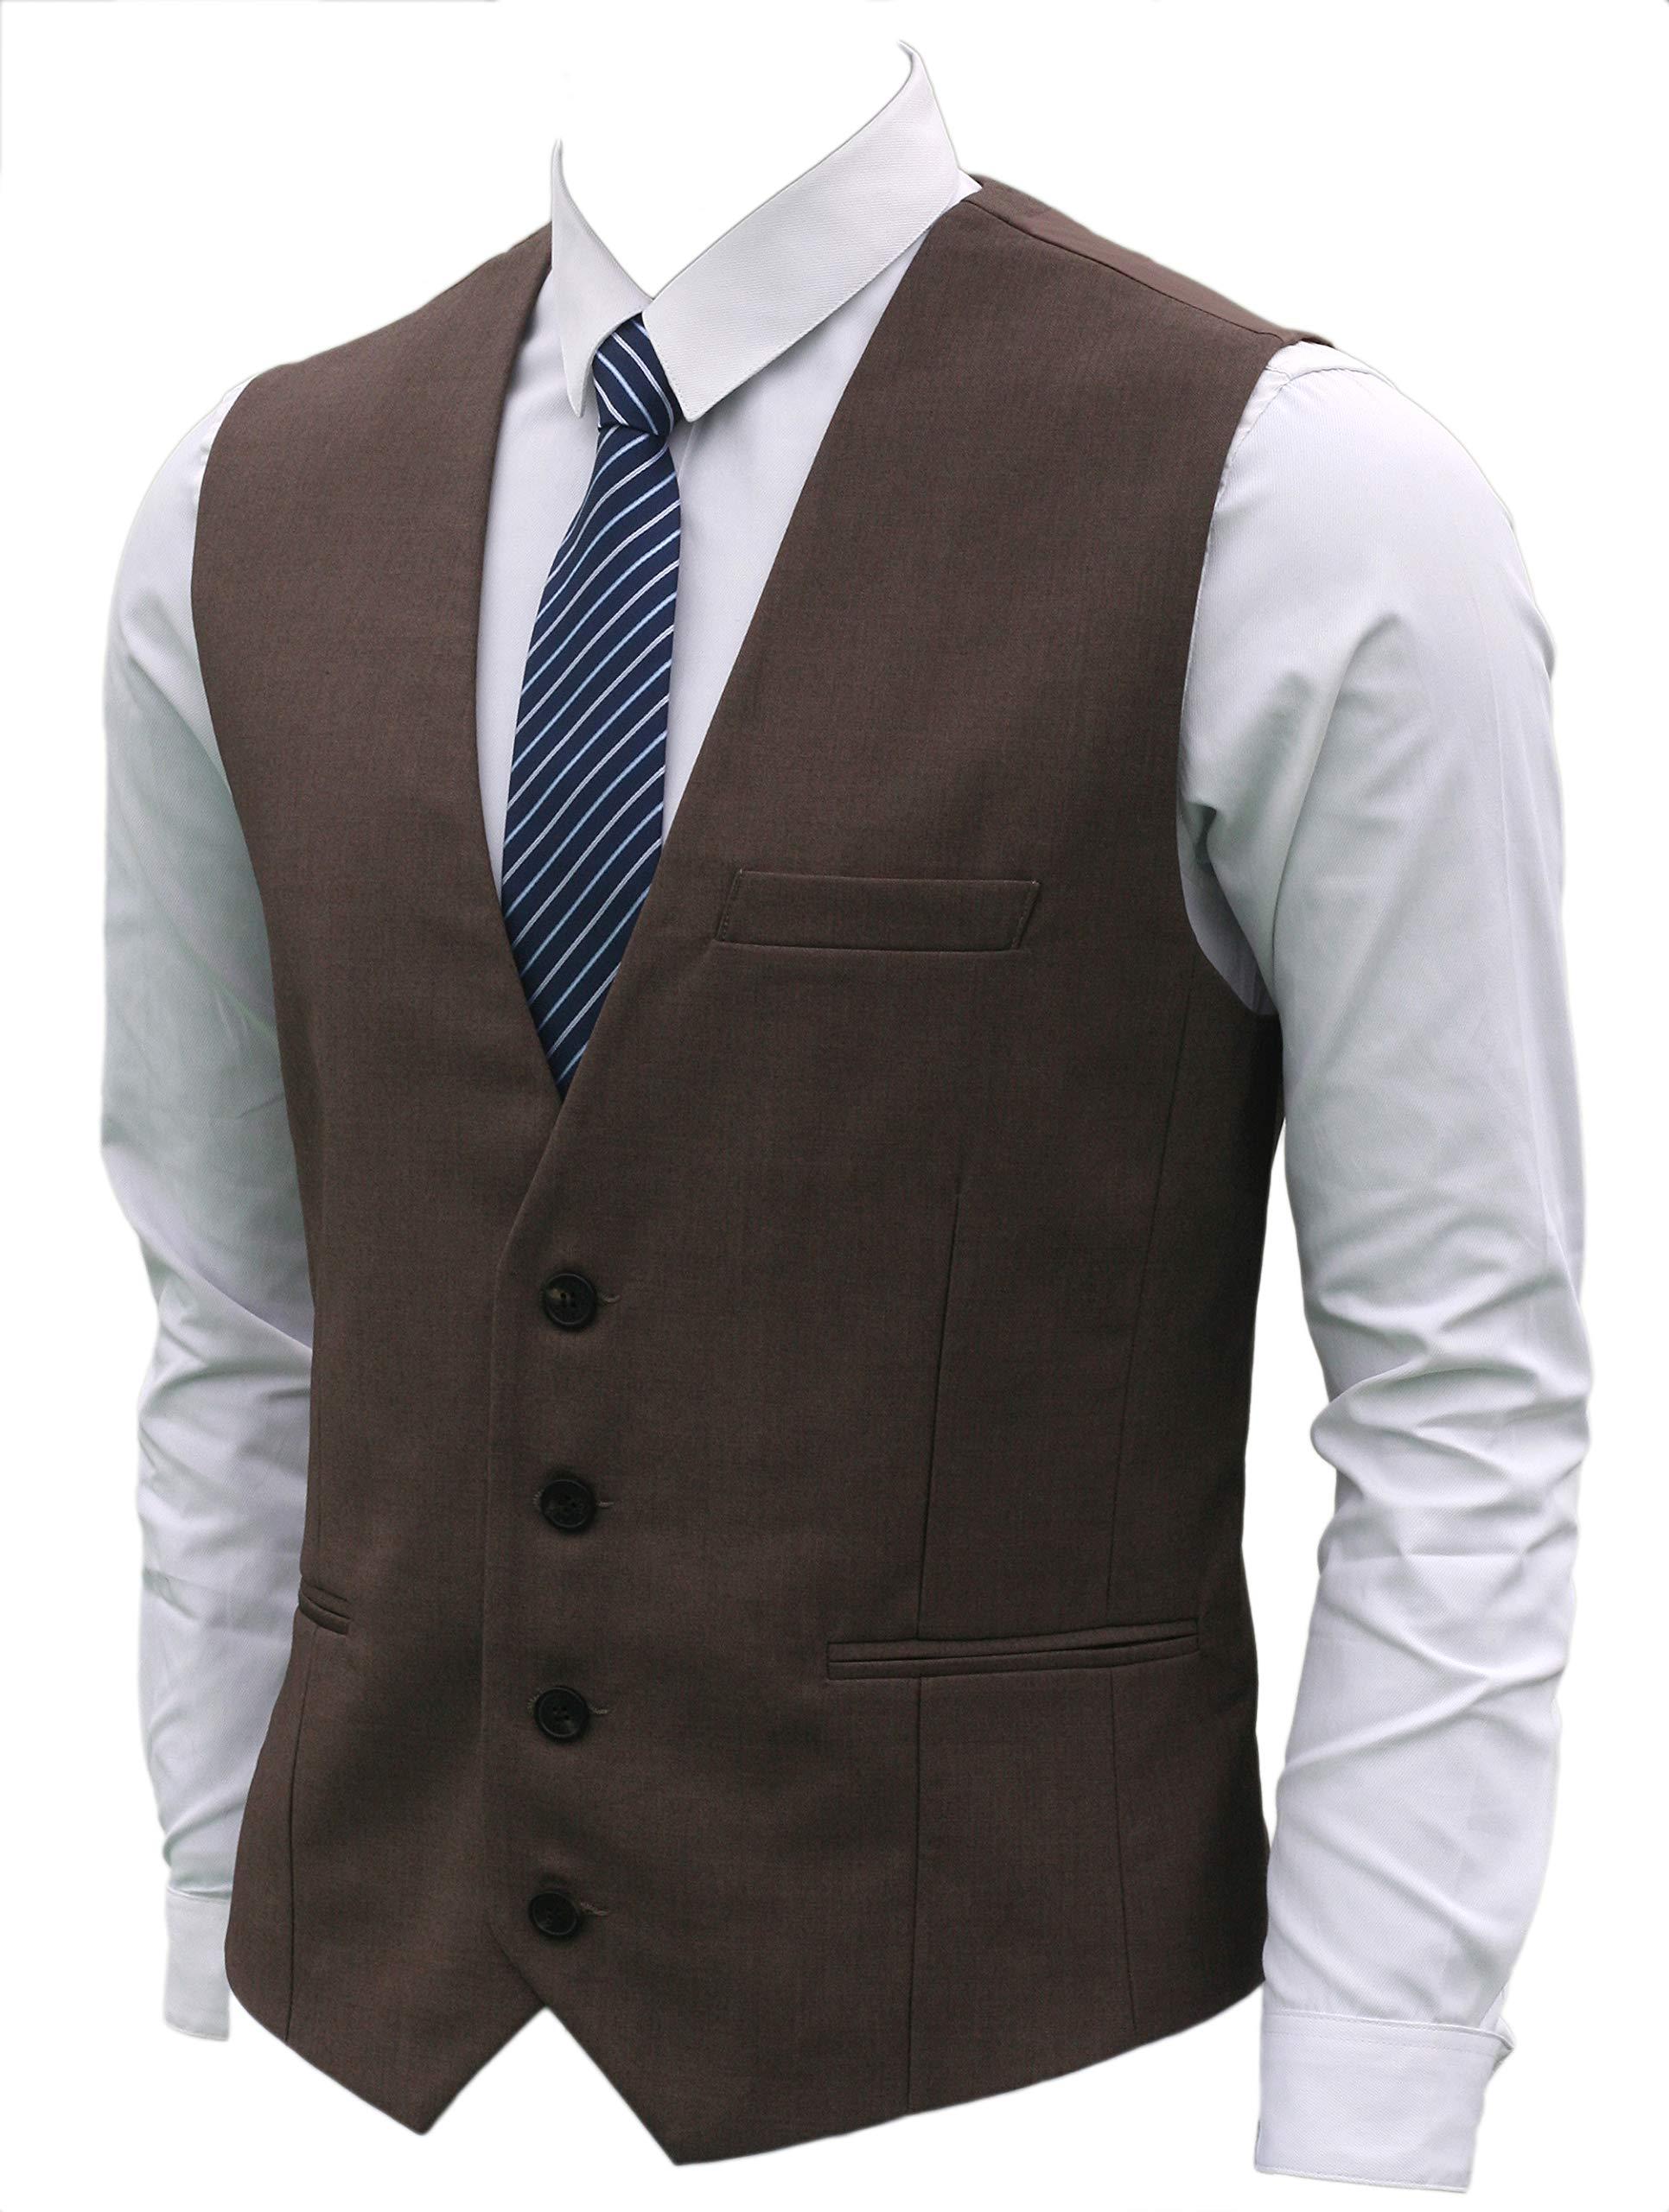 Ruth&Boaz Men's 3Pockets 4Button Business Suit Vest (M, Brown) by Ruth&Boaz